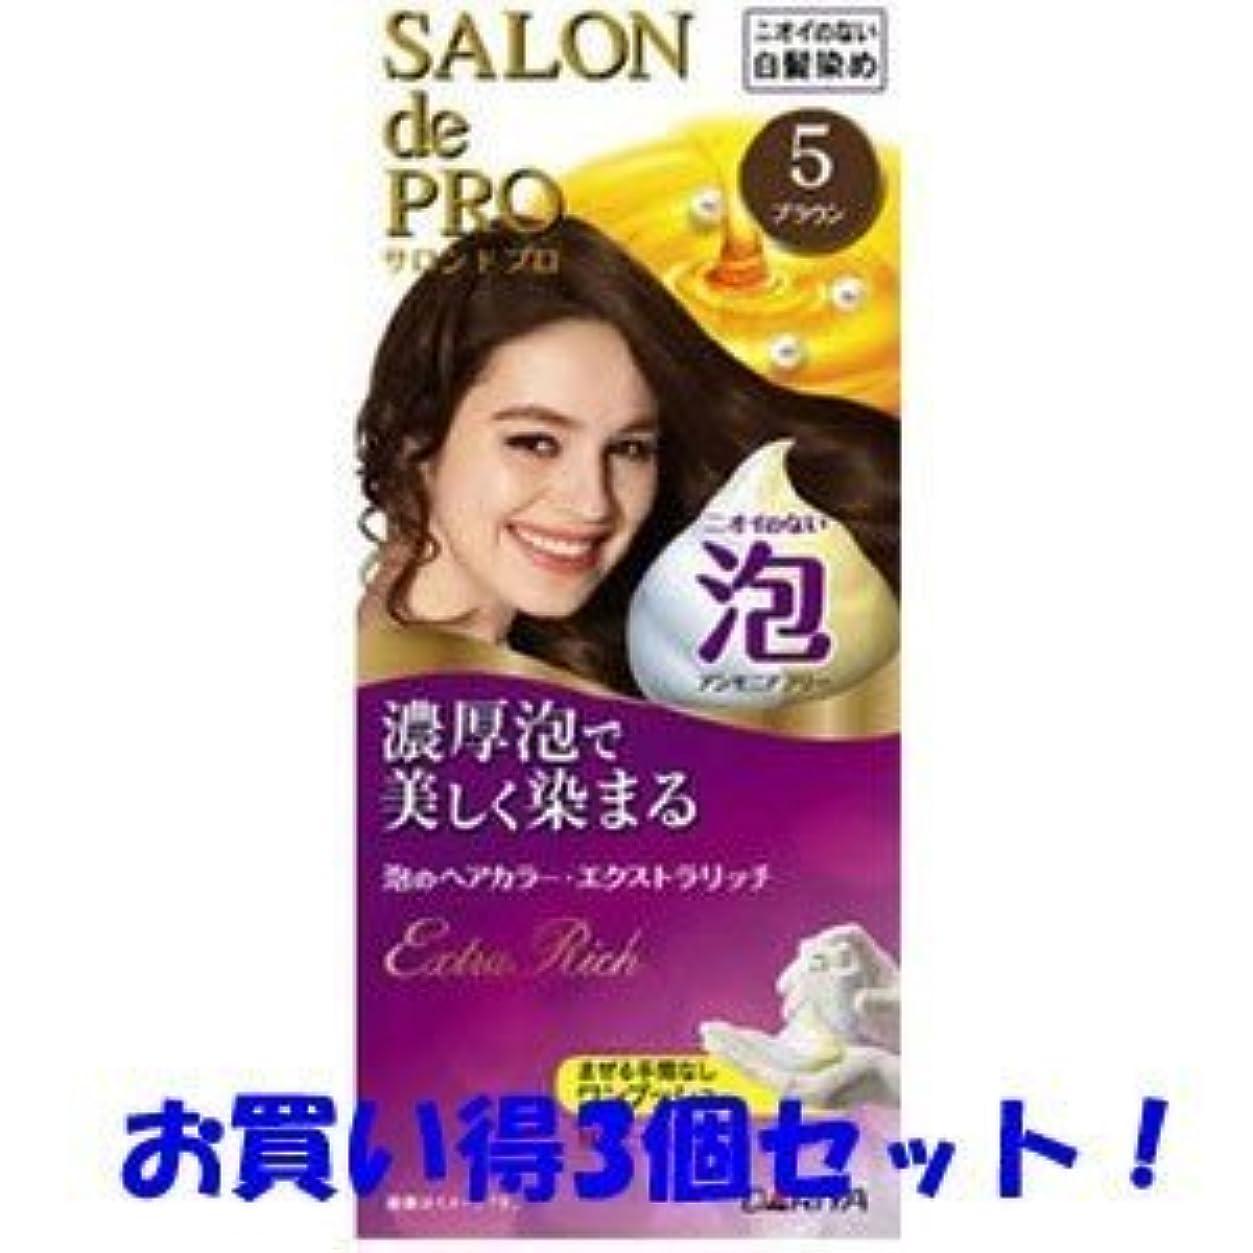 【ダリヤ】サロンドプロ 泡のヘアカラー?エクストラリッチ 5 ブラウン(医薬部外品)(お買い得3個セット)